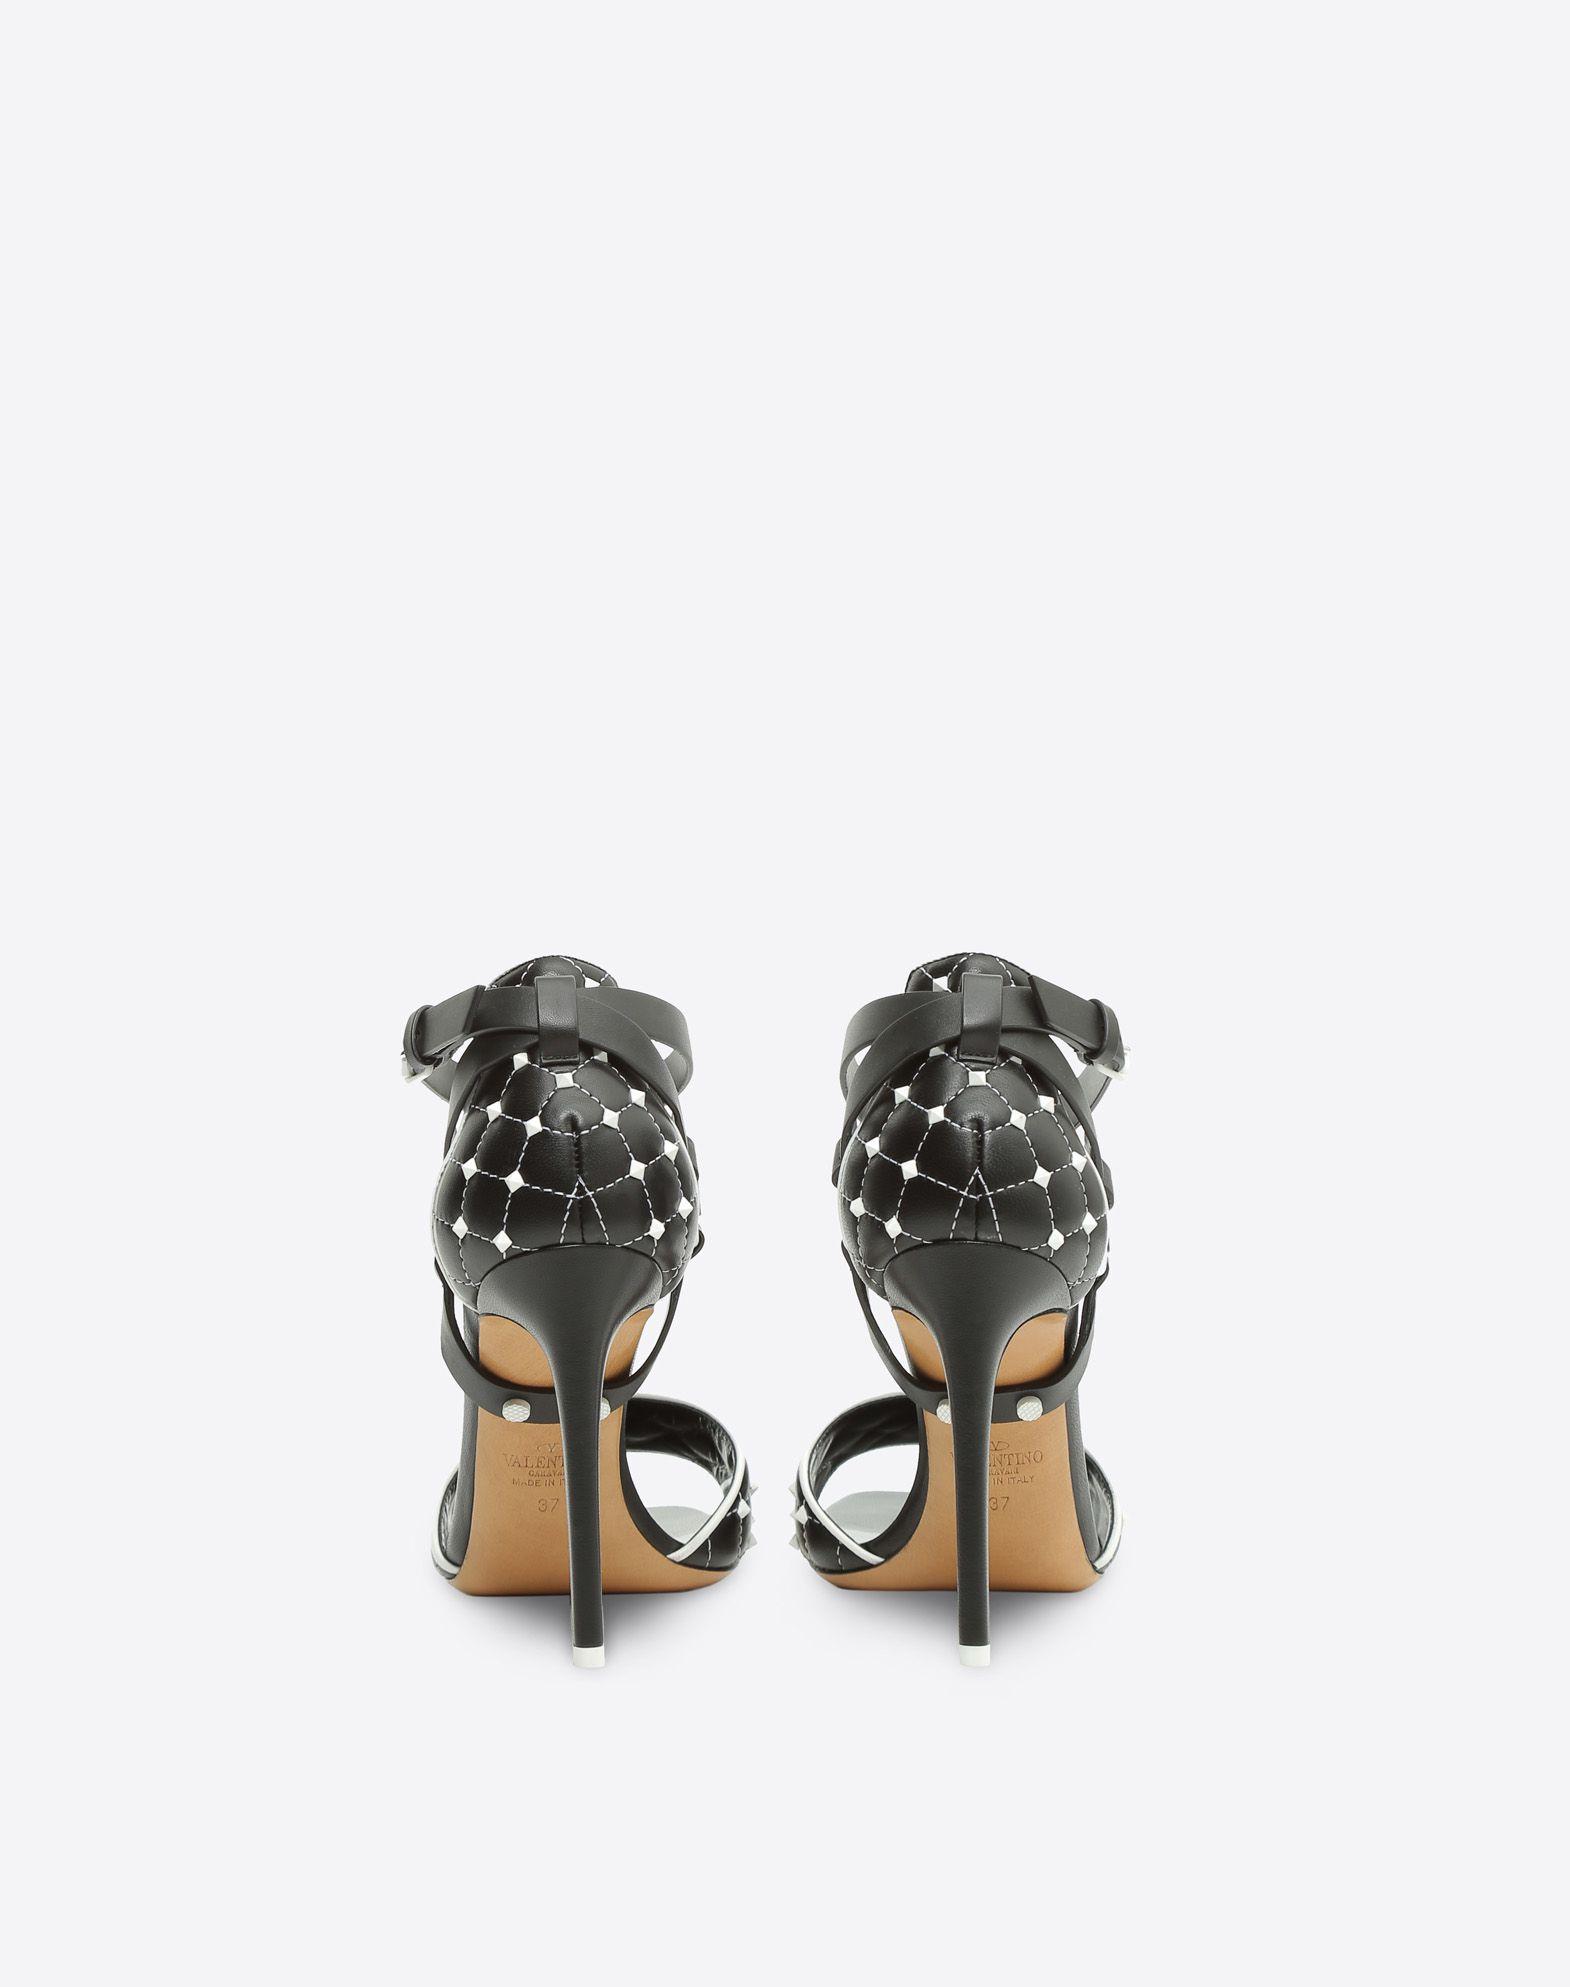 VALENTINO GARAVANI Free Rockstud Spike 凉鞋 SANDALS TACCO ALTO D d